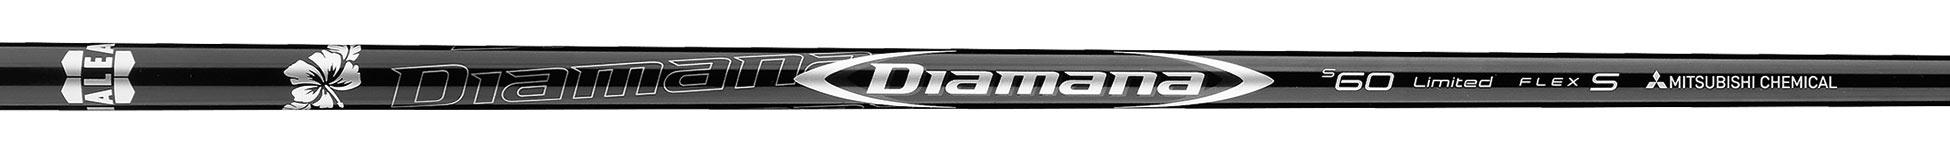 diamana s60 limited